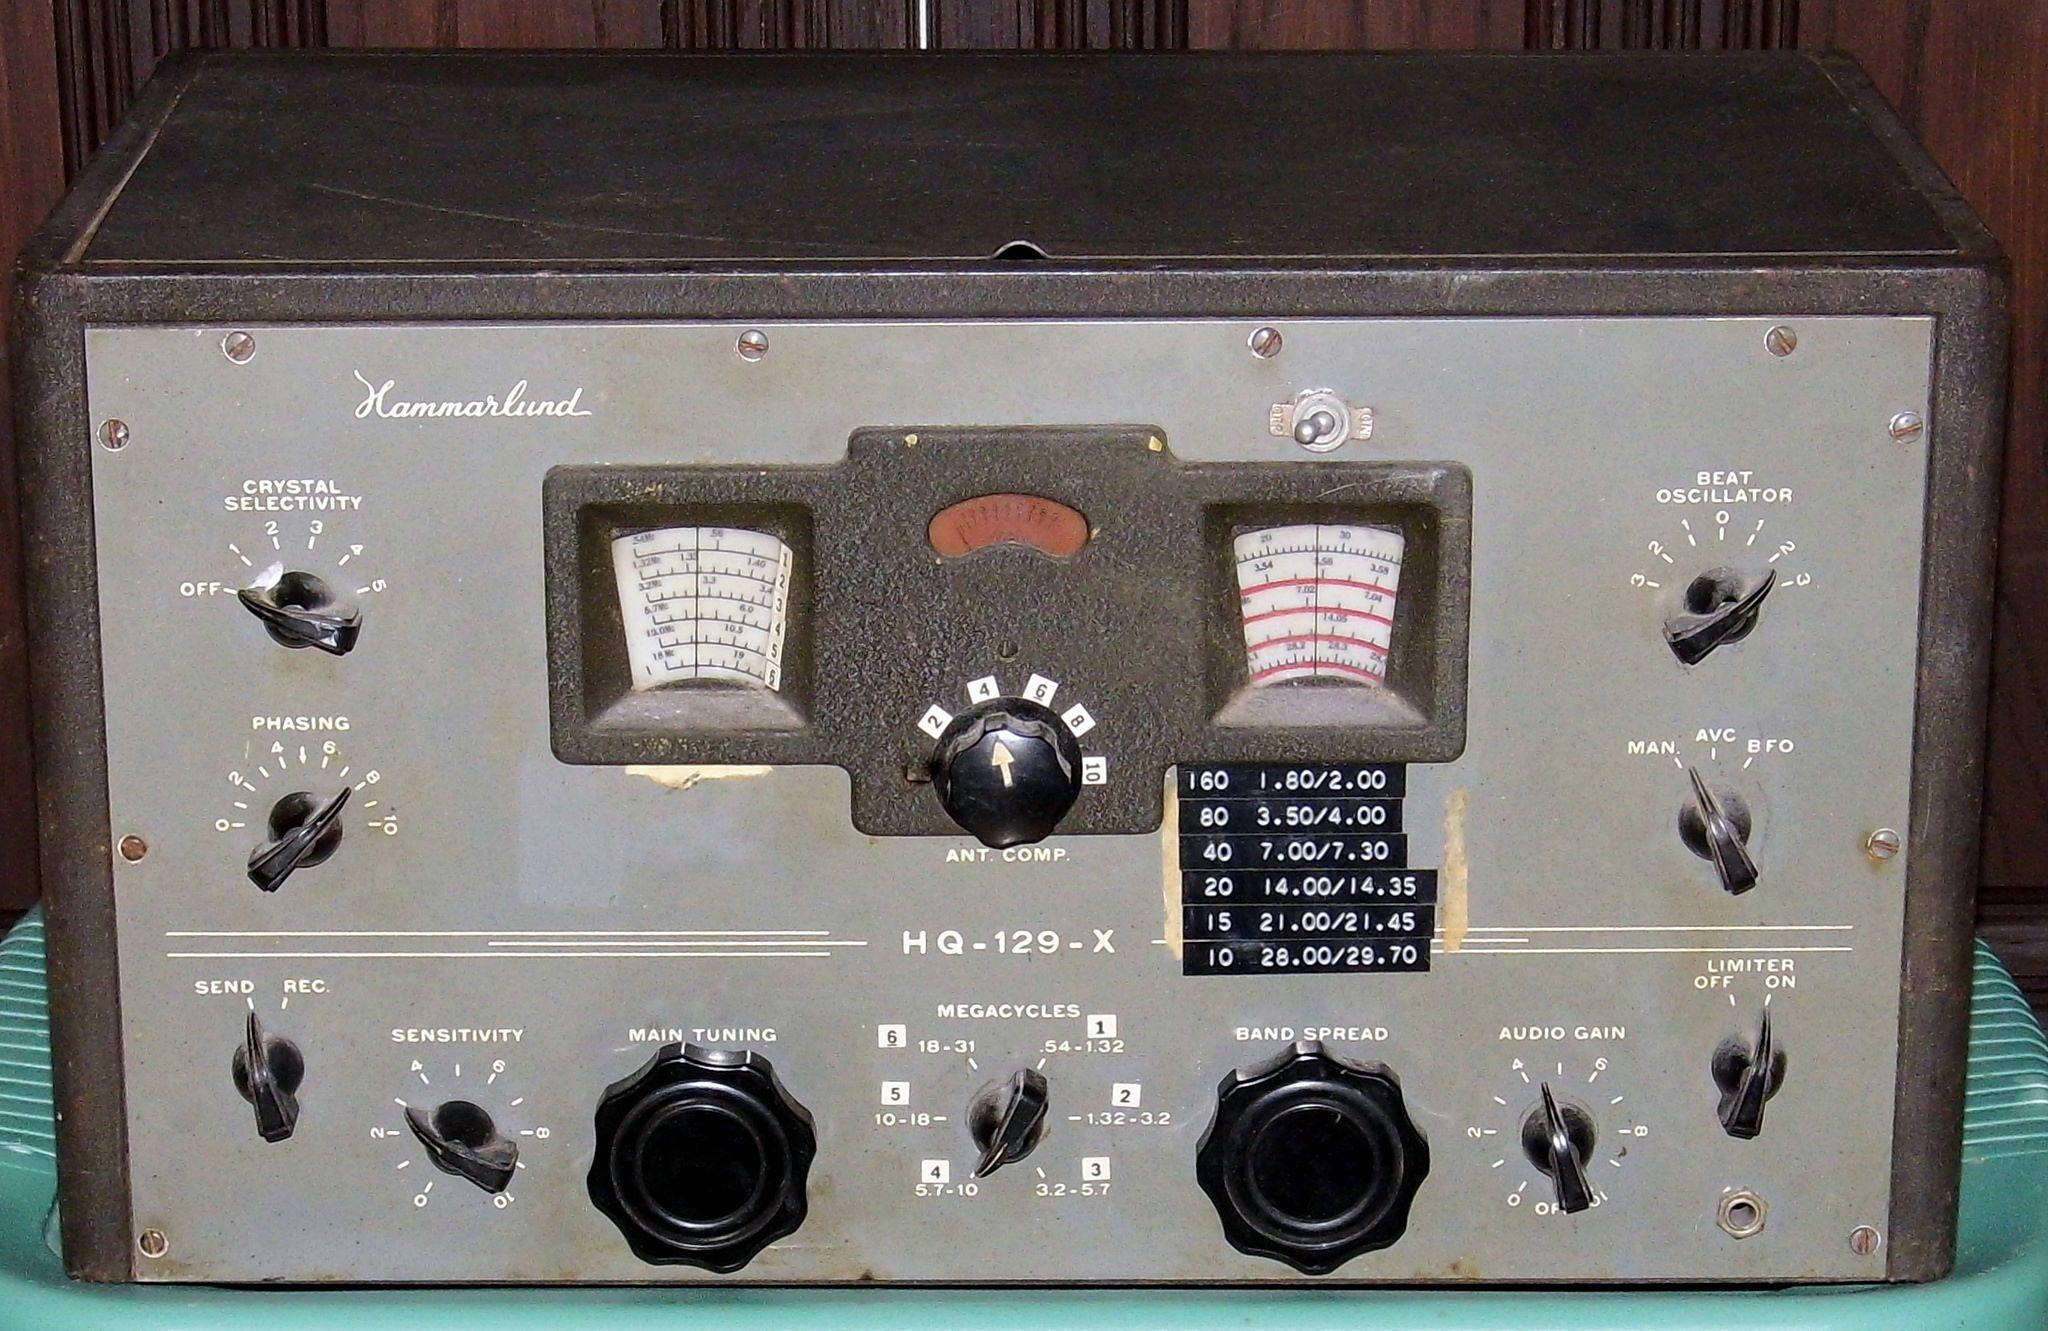 Vintage Hammarlund Communications Receiver Model Hq 129 X